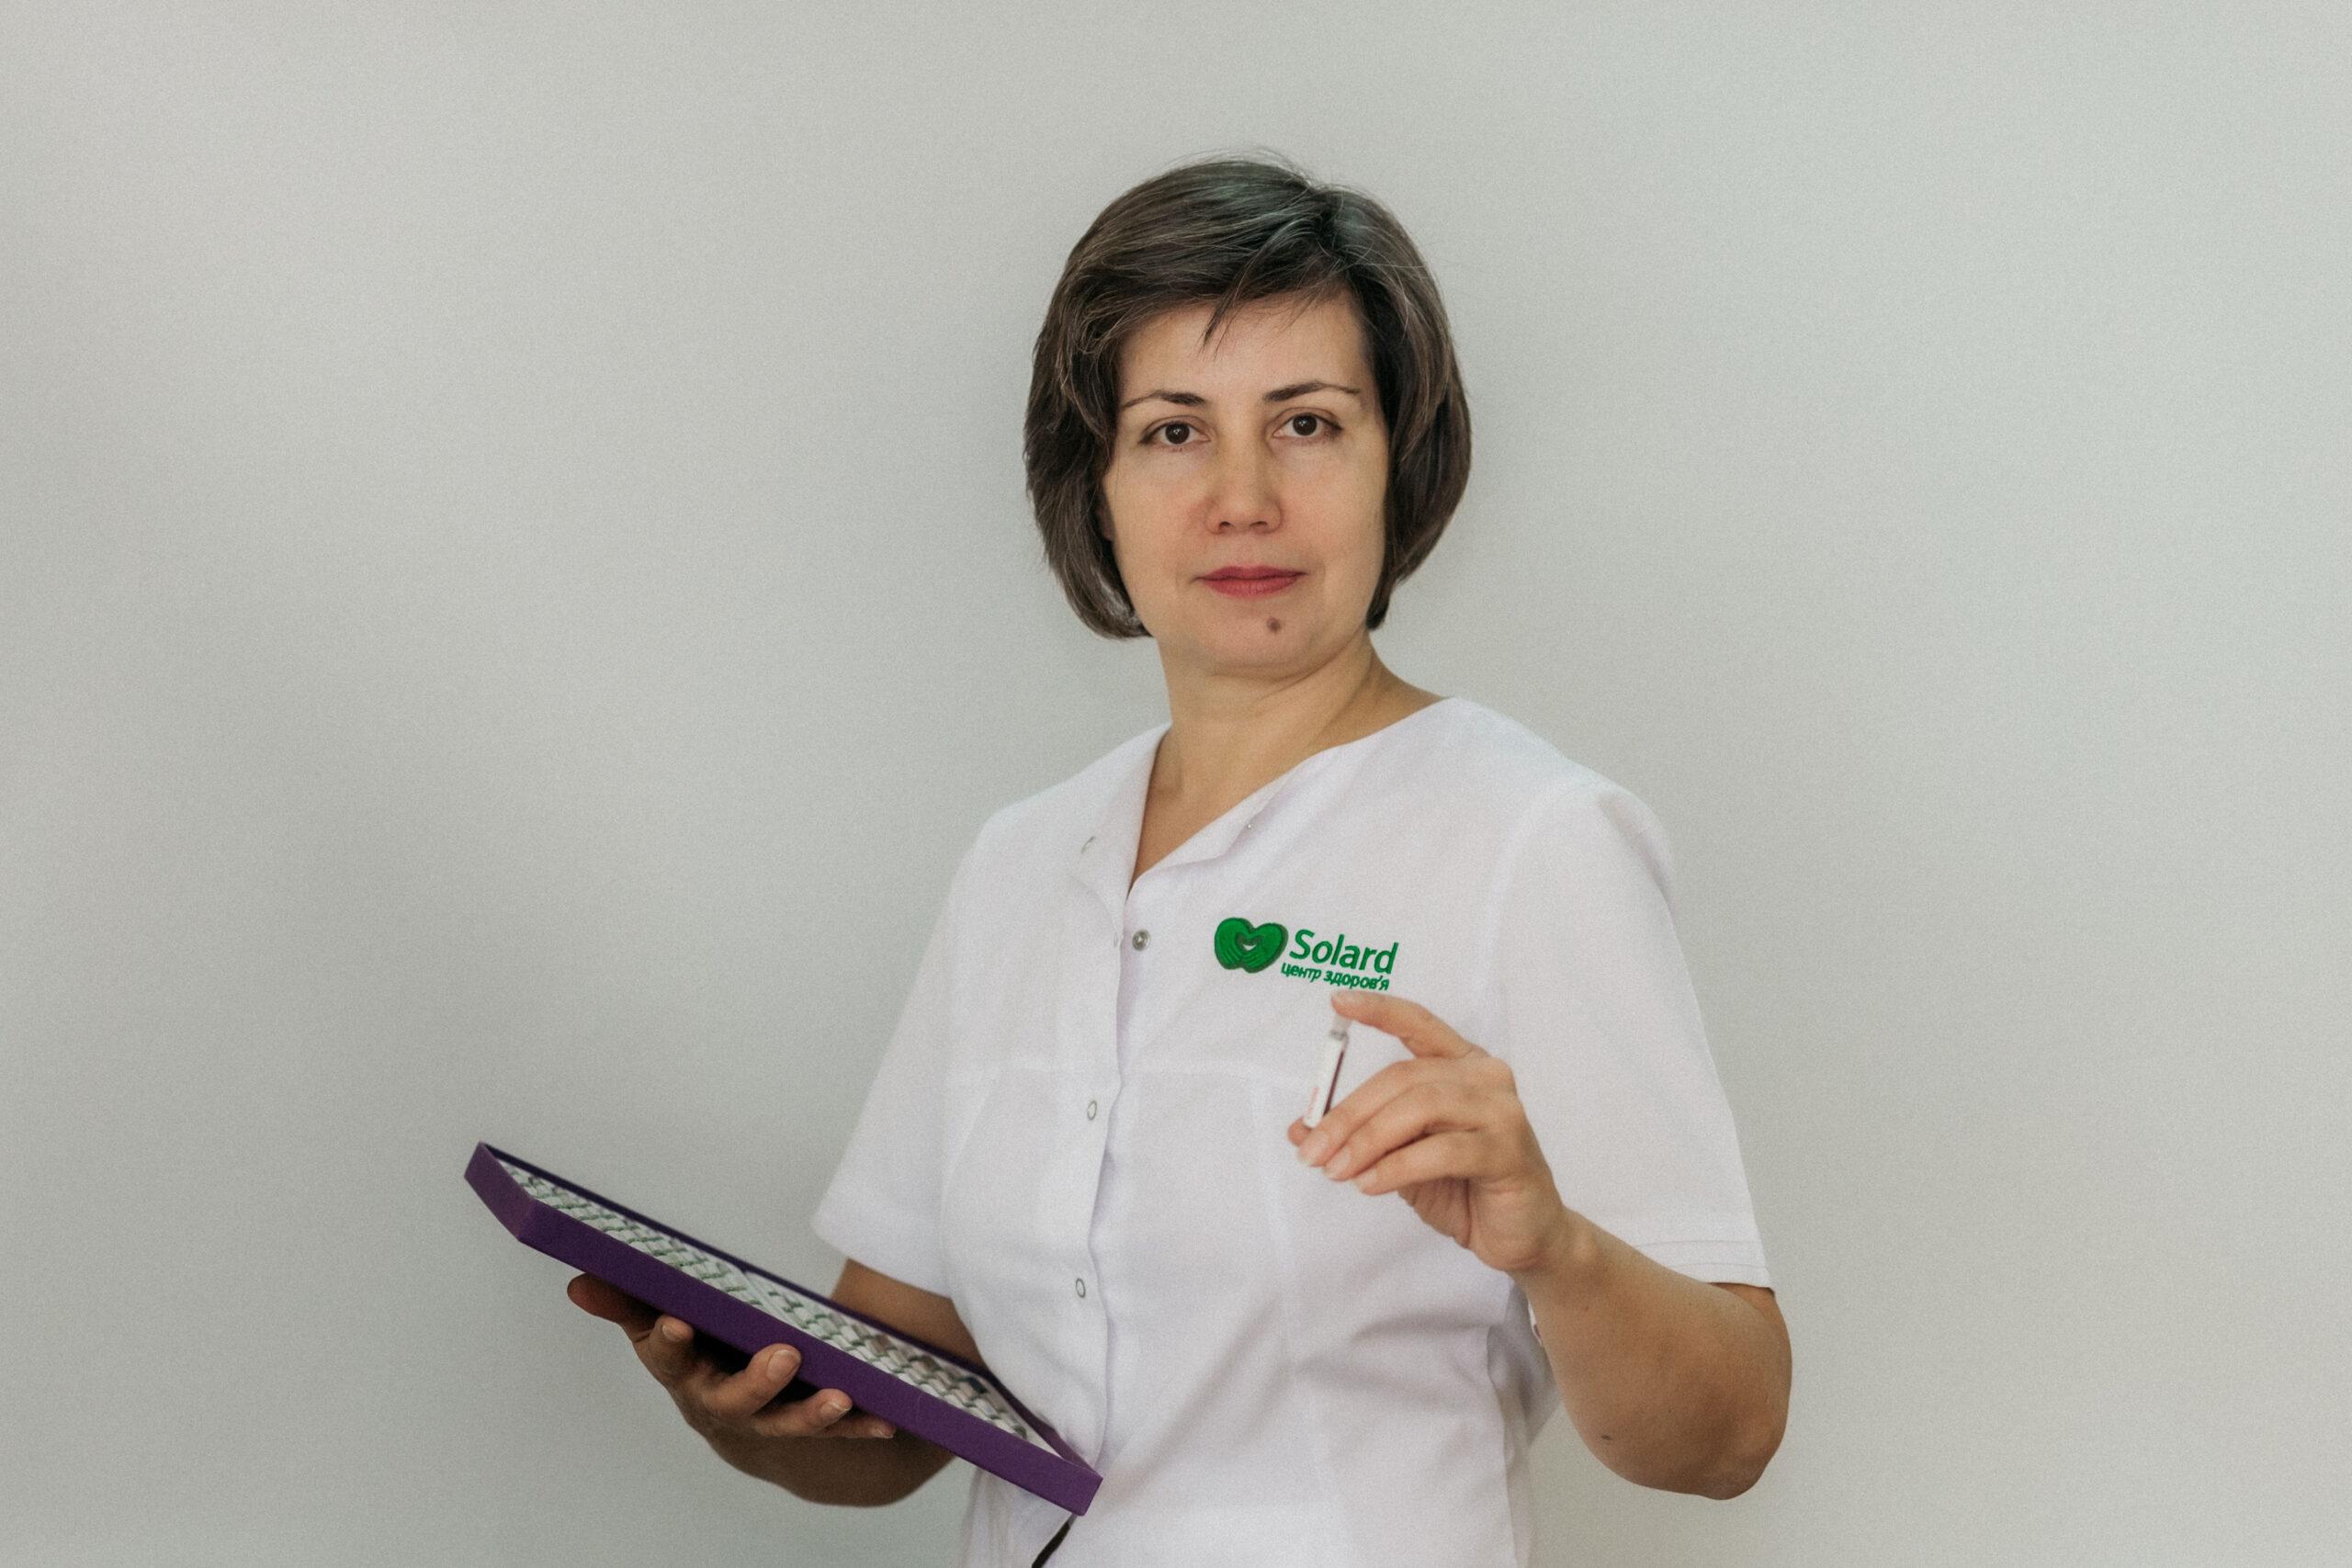 Центр здоров'я Solard - Афанасьєва Наталія Ігорівна - 1